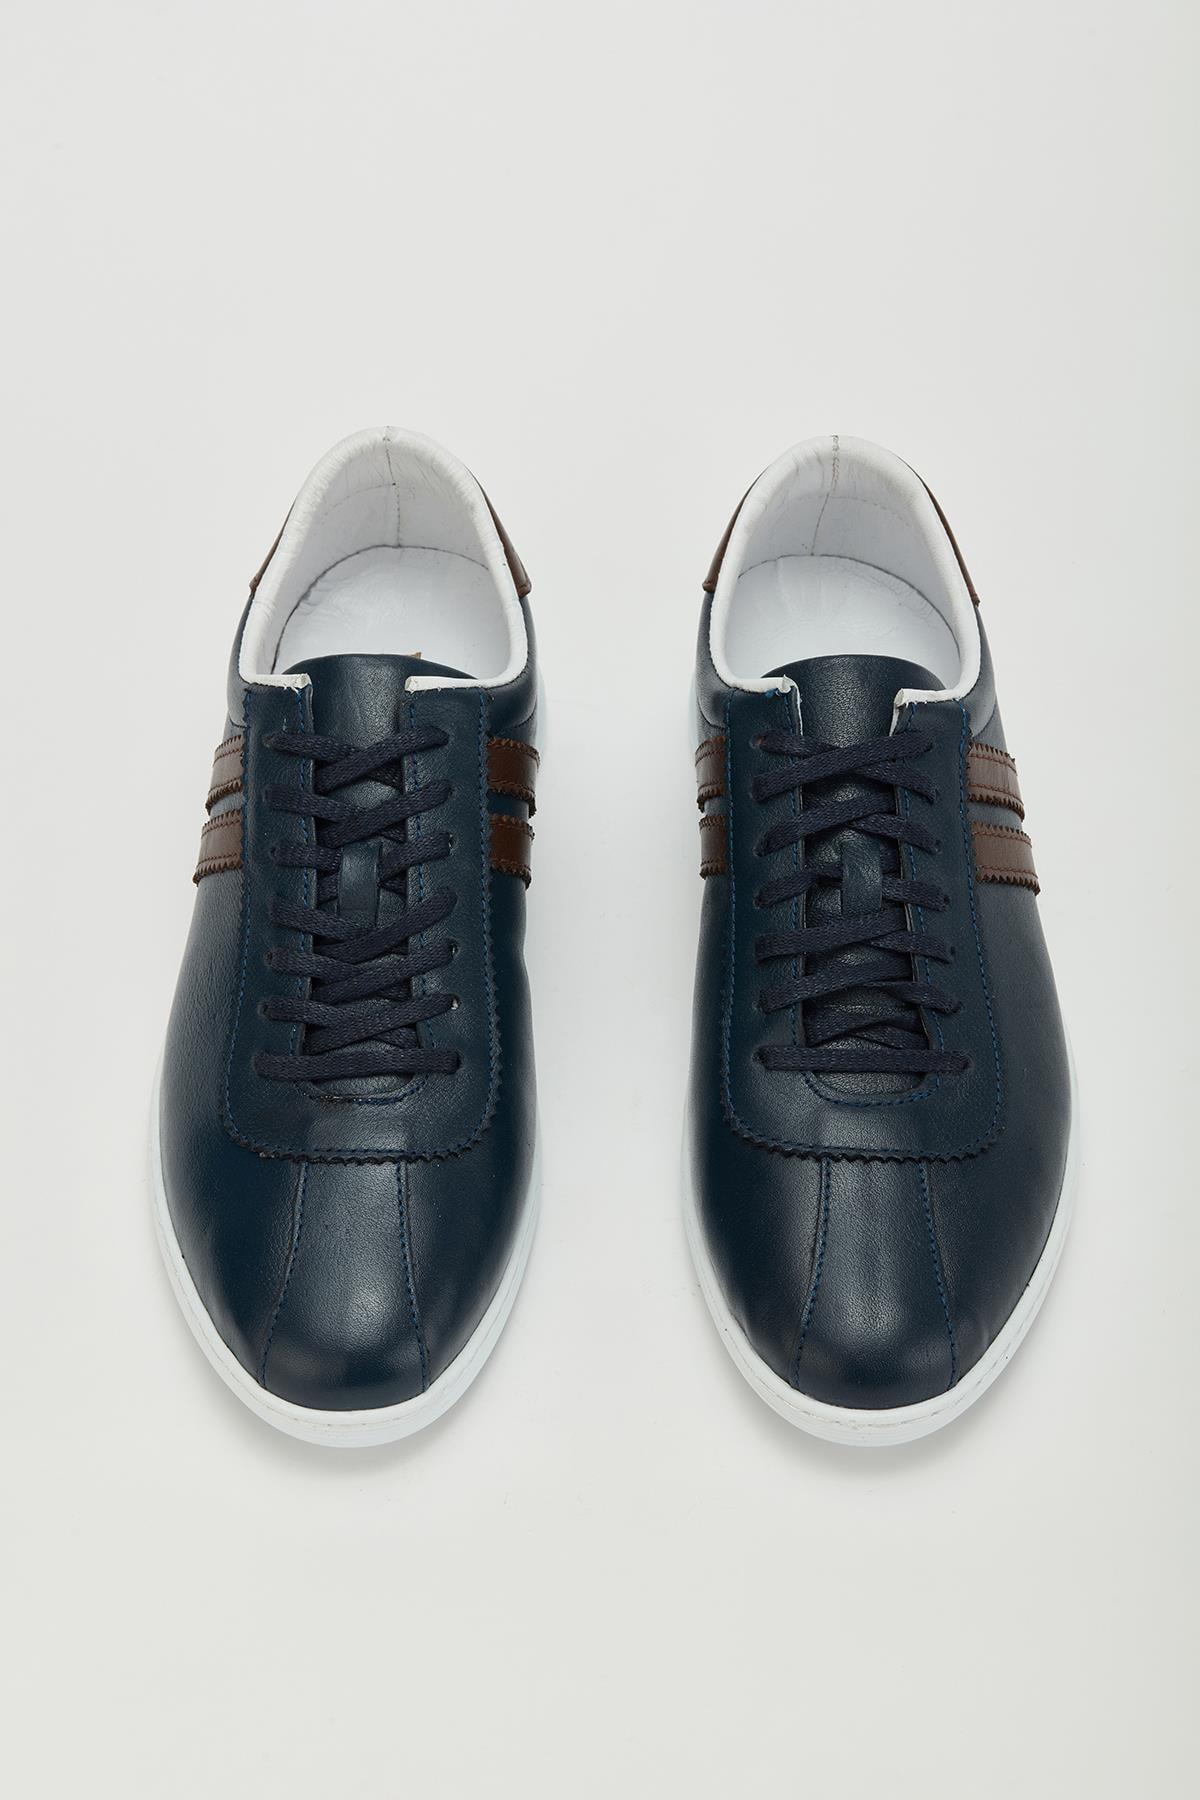 MUGGO Erkek Lacivert Hakiki Deri Sneaker Ayakkabı Mgversay02 2